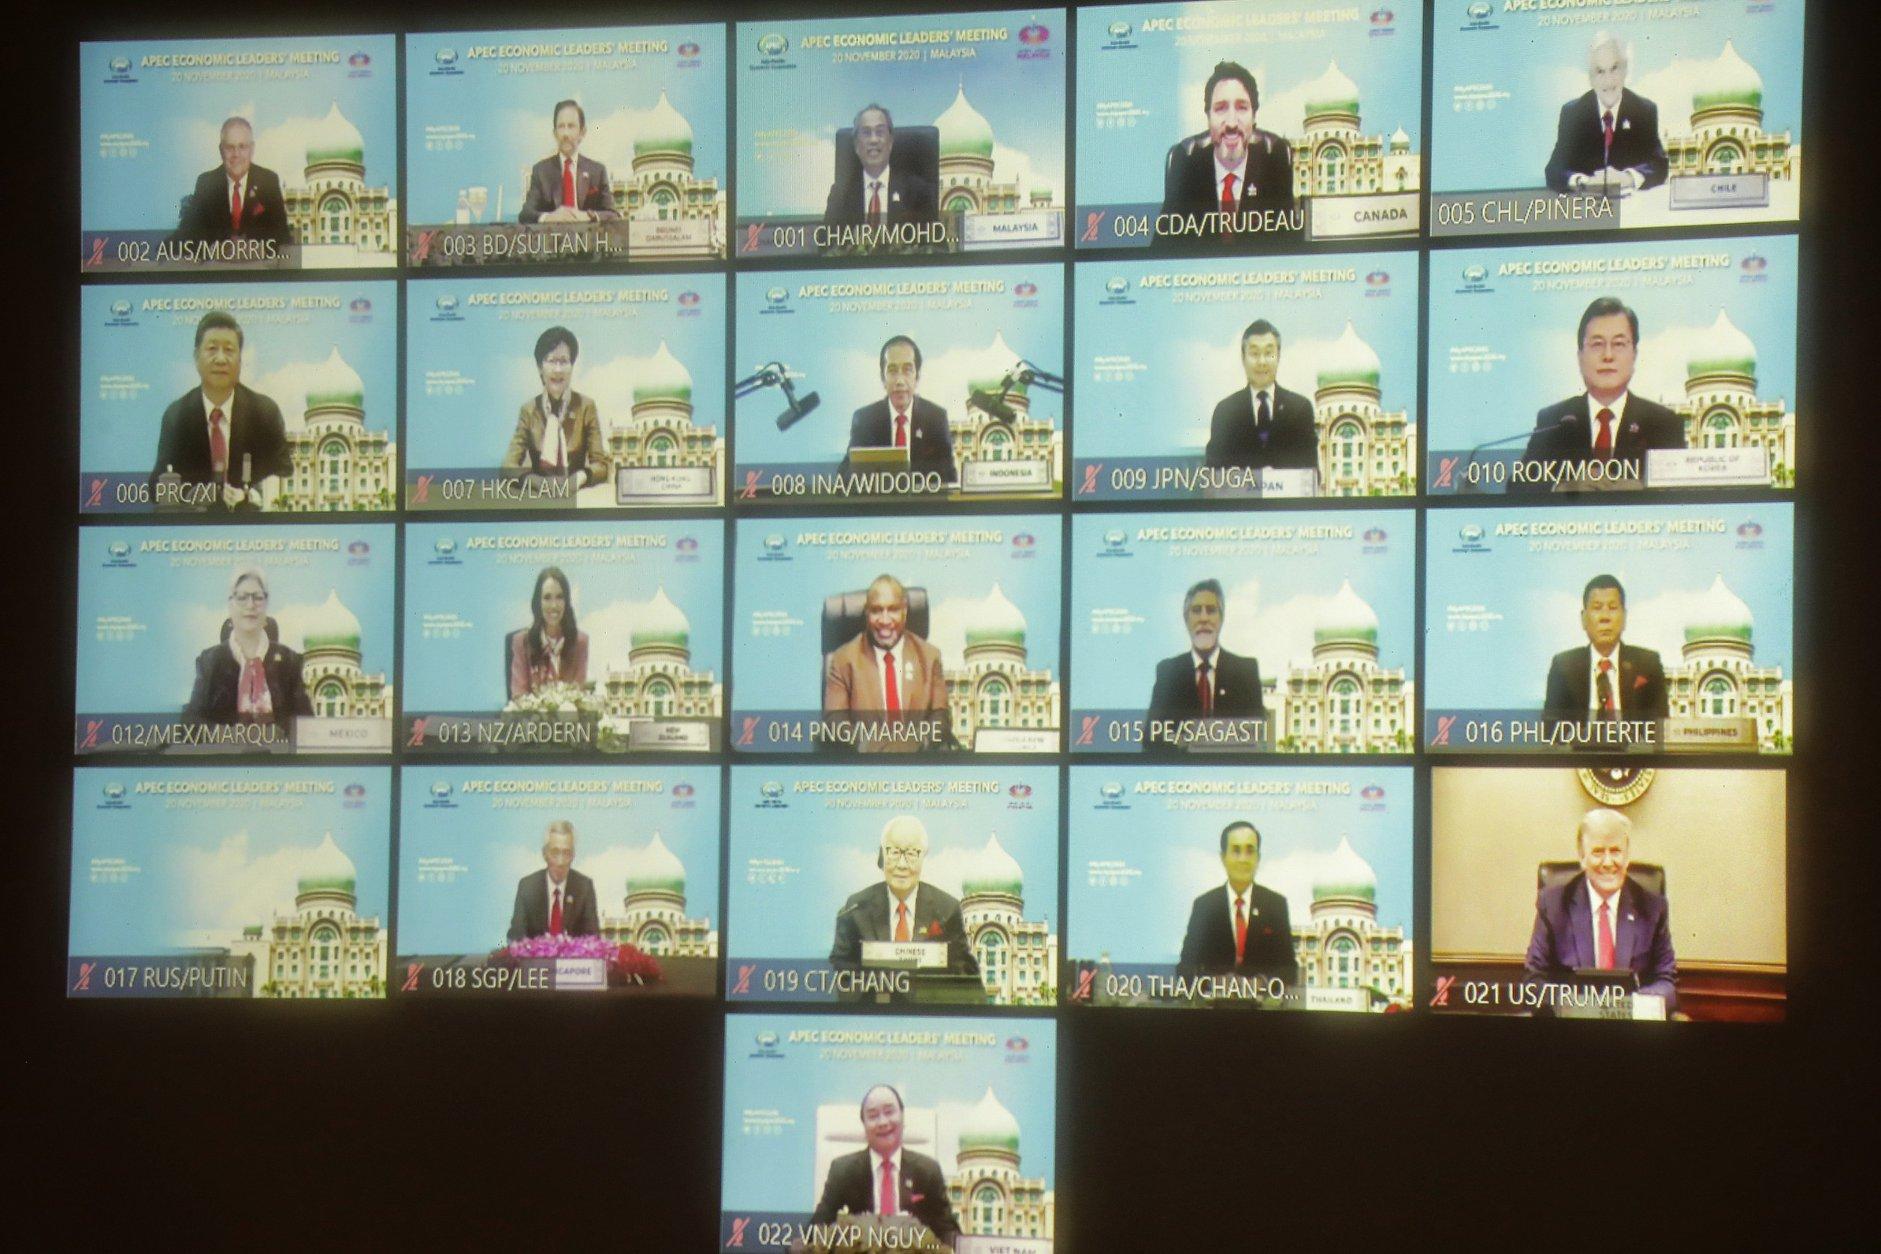 張忠謀代表參加APEC談台供應鏈 強調數位科技控制新冠疫情的重要!